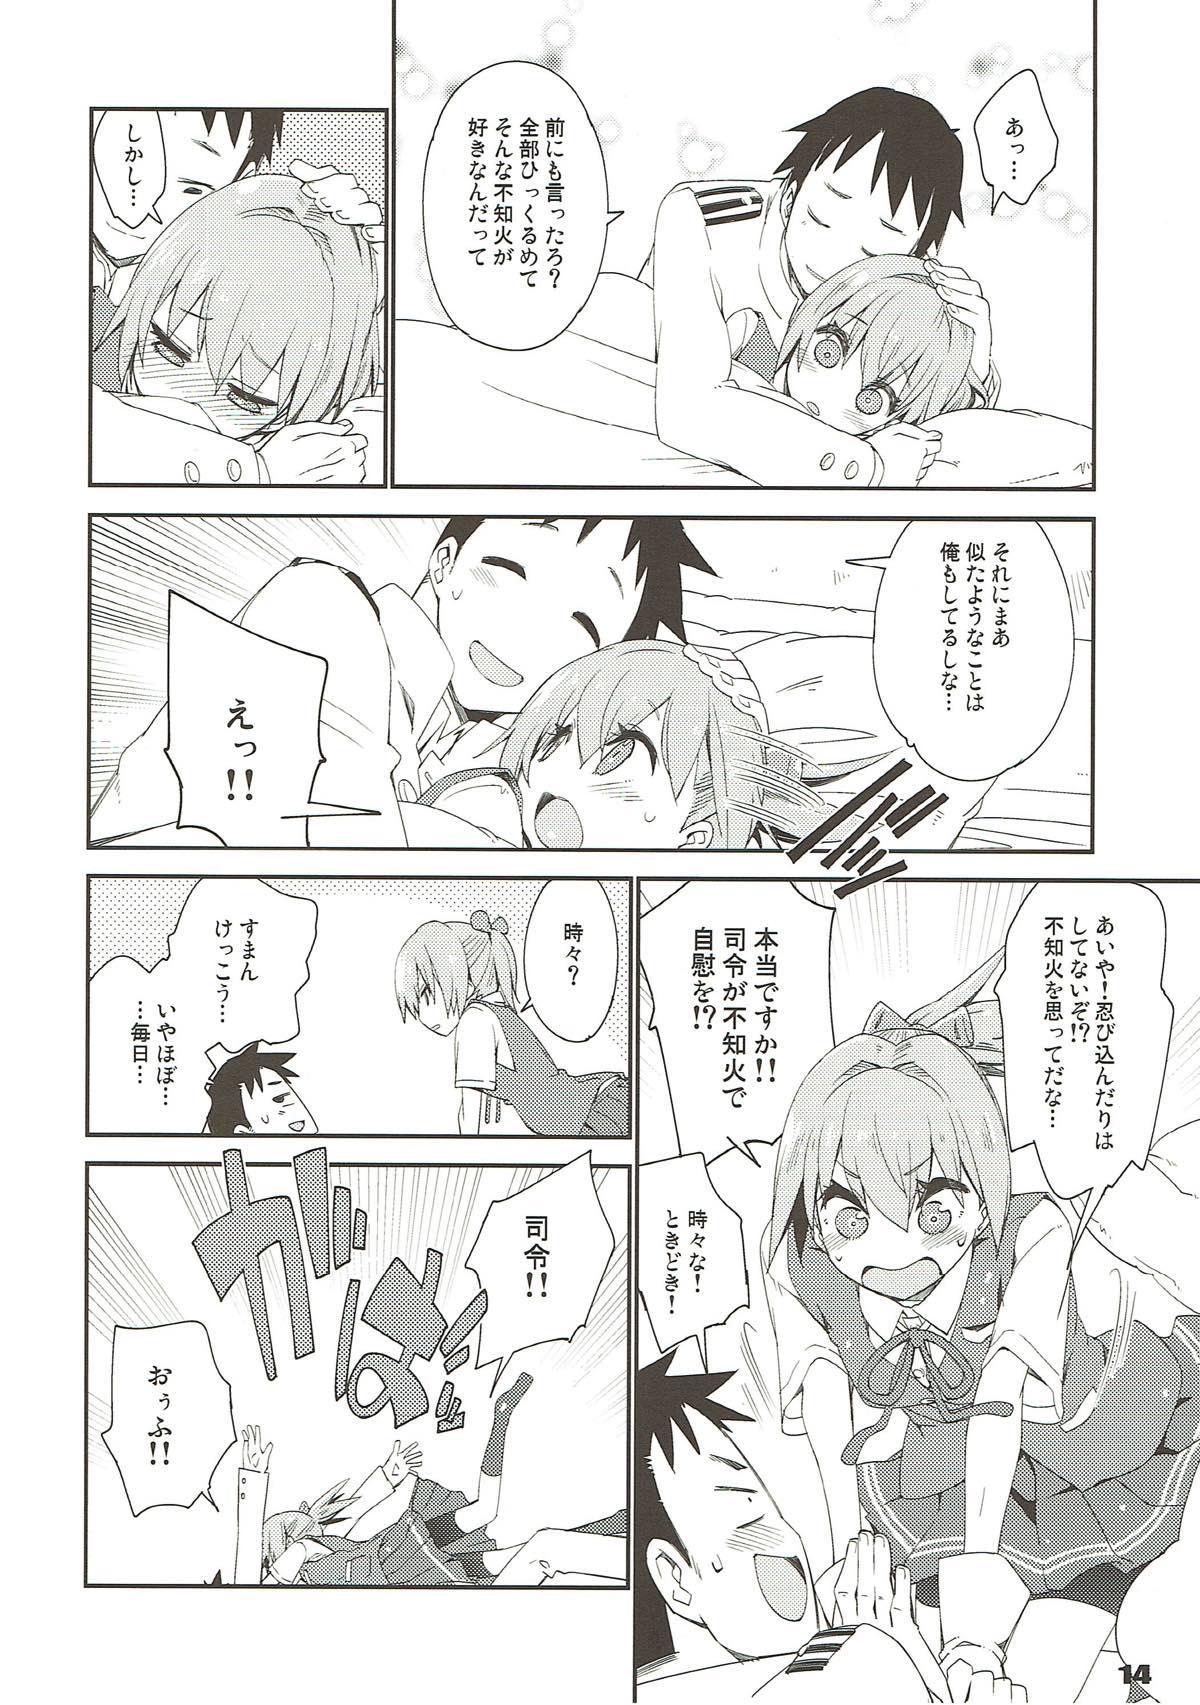 Shiranui wa Teitoku de... 10